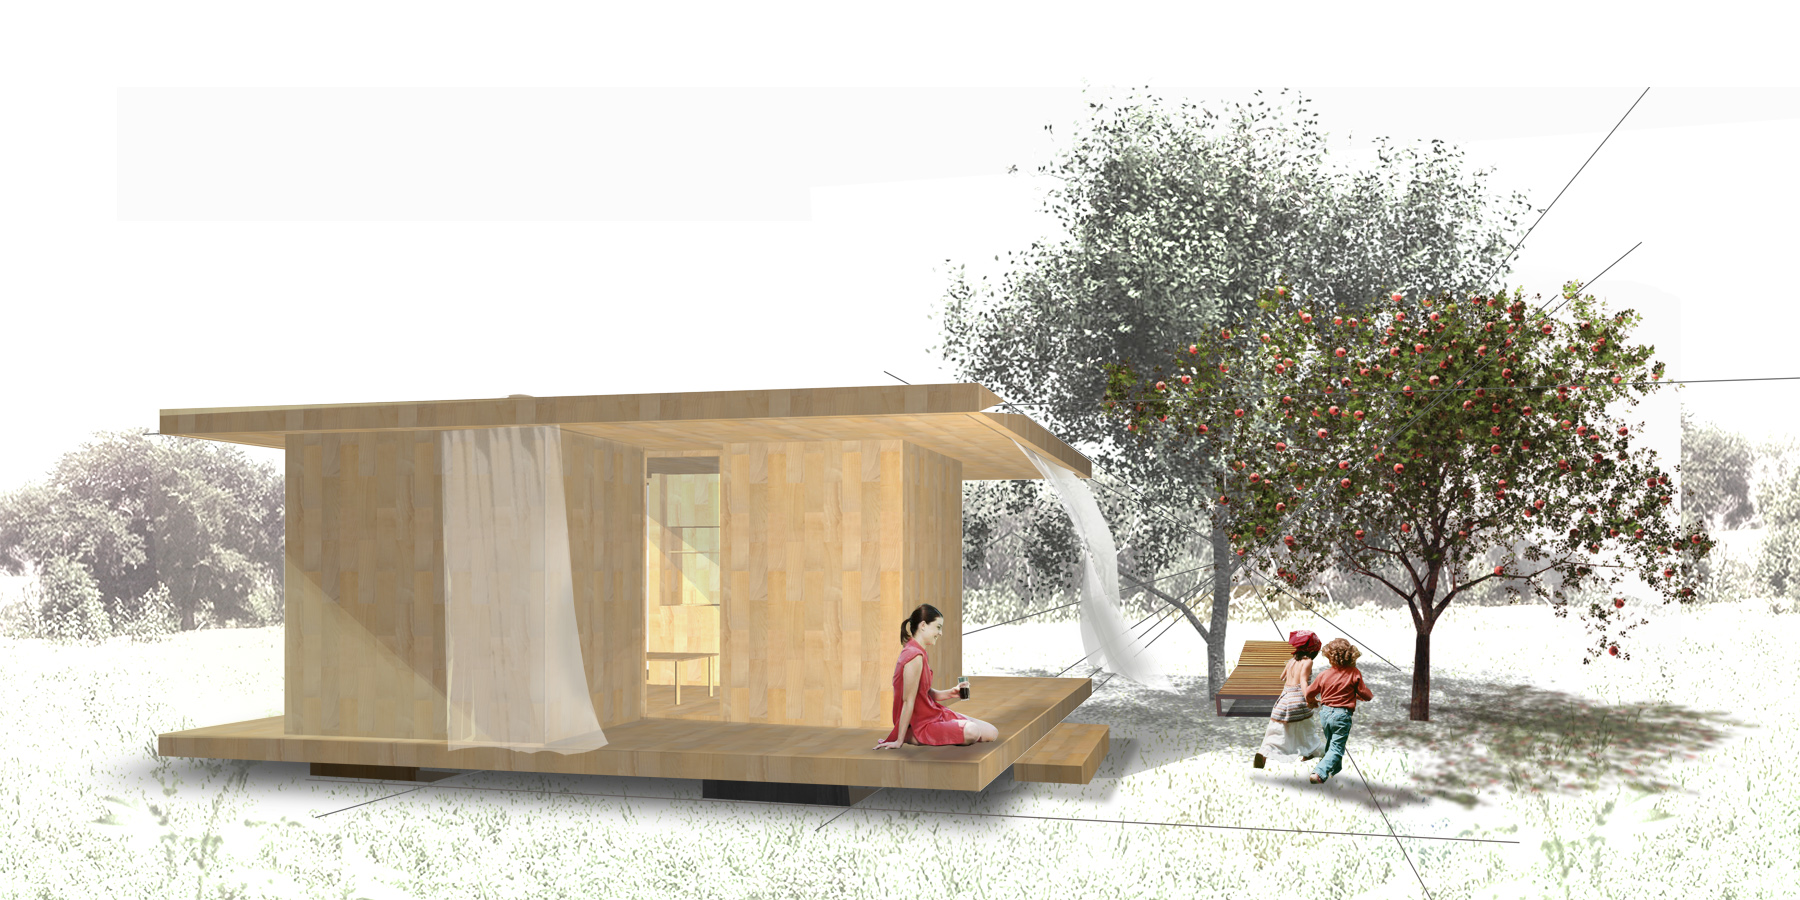 kbeen dda architectes. Black Bedroom Furniture Sets. Home Design Ideas